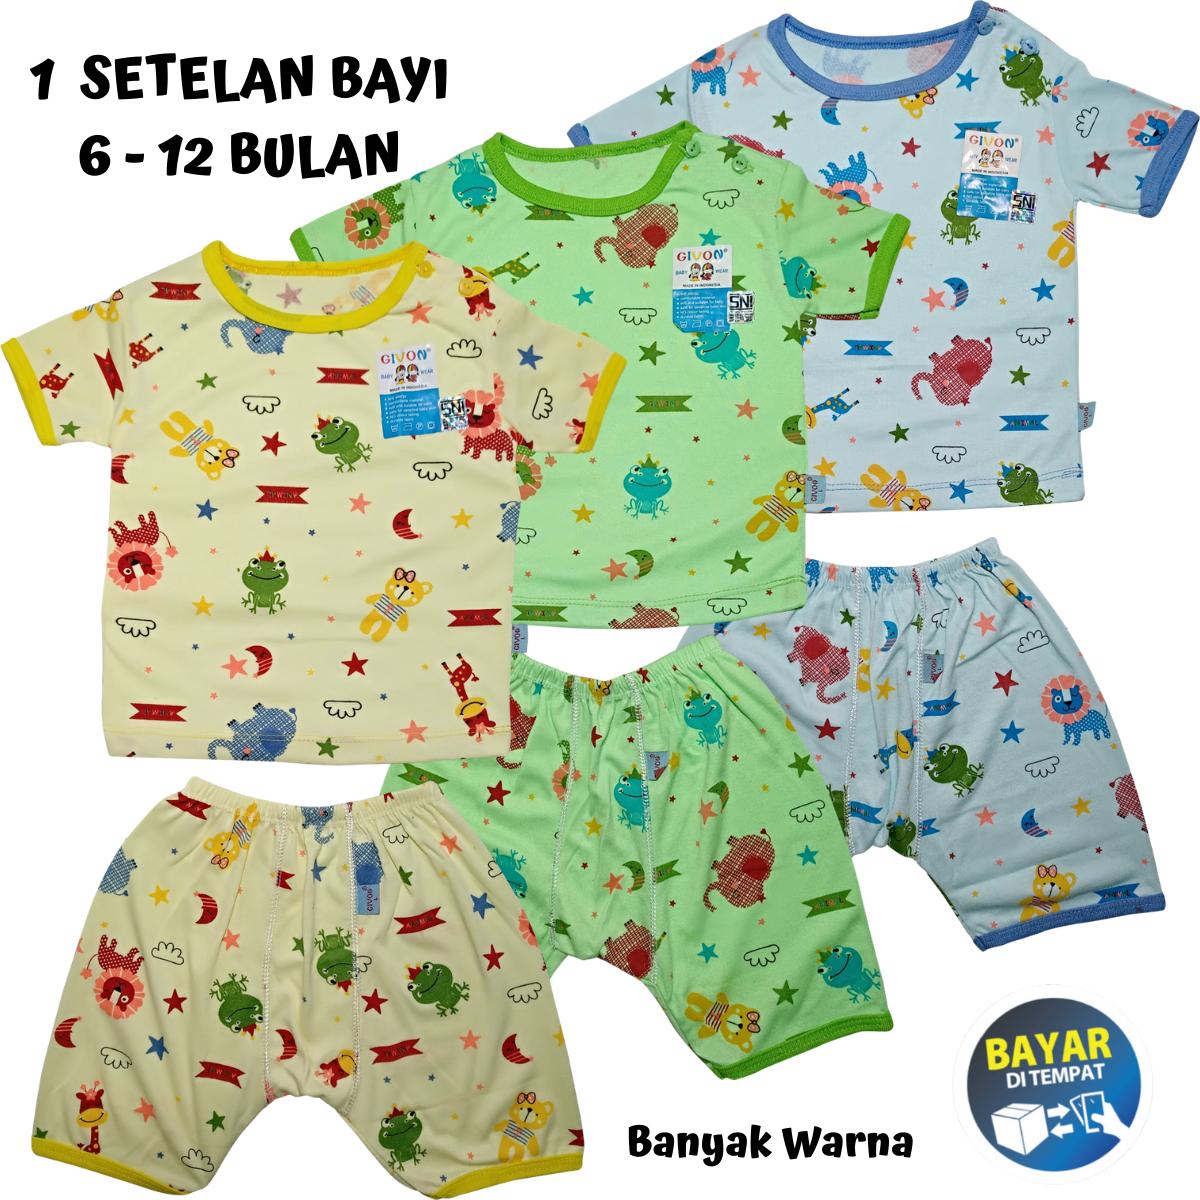 setelan baju bayi / setelan bayi 6-12 bulan warna motif givon katun premium – kaos lengan pendek celana pendek